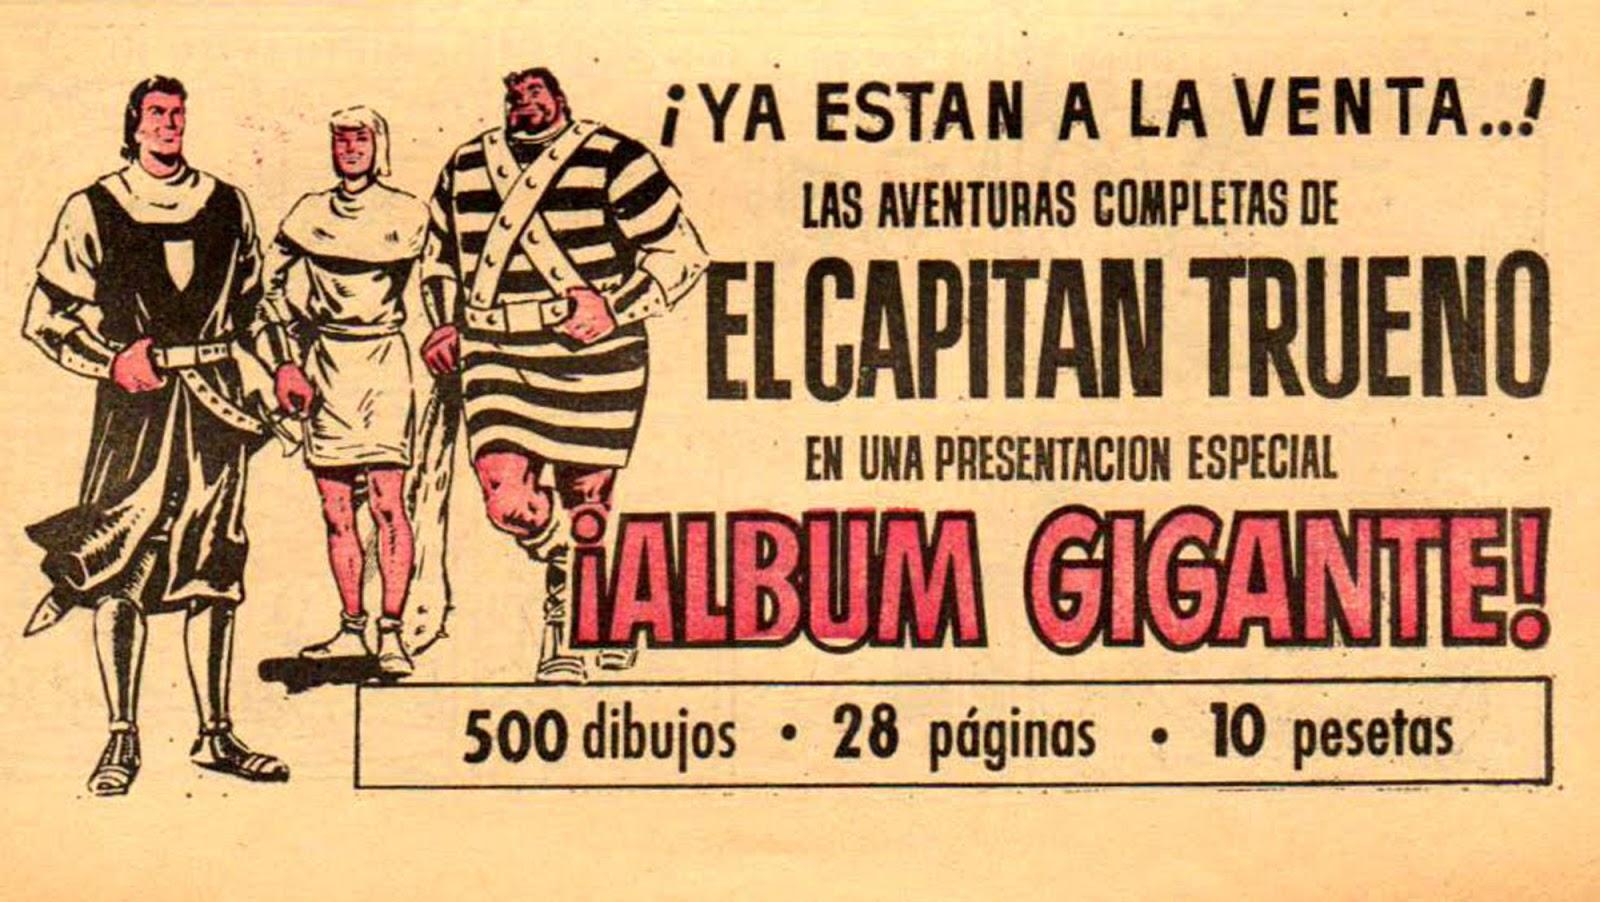 ALBUM GIGANTE